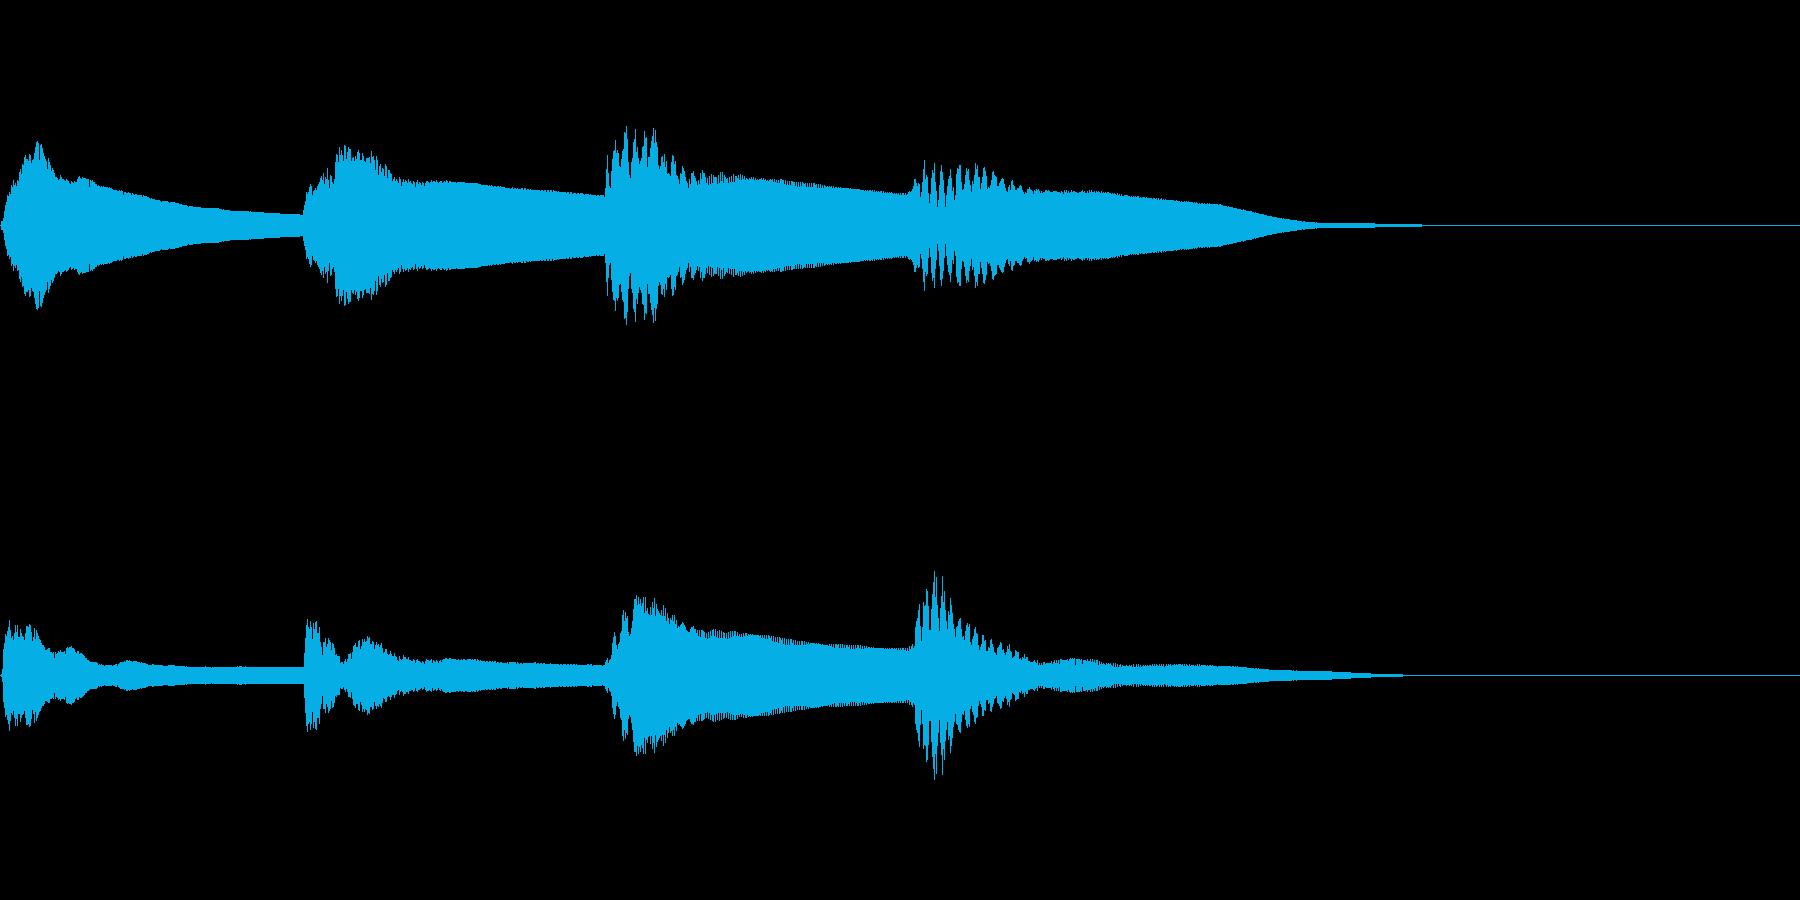 アナウンス後のピンポンパンポンの音 下降の再生済みの波形